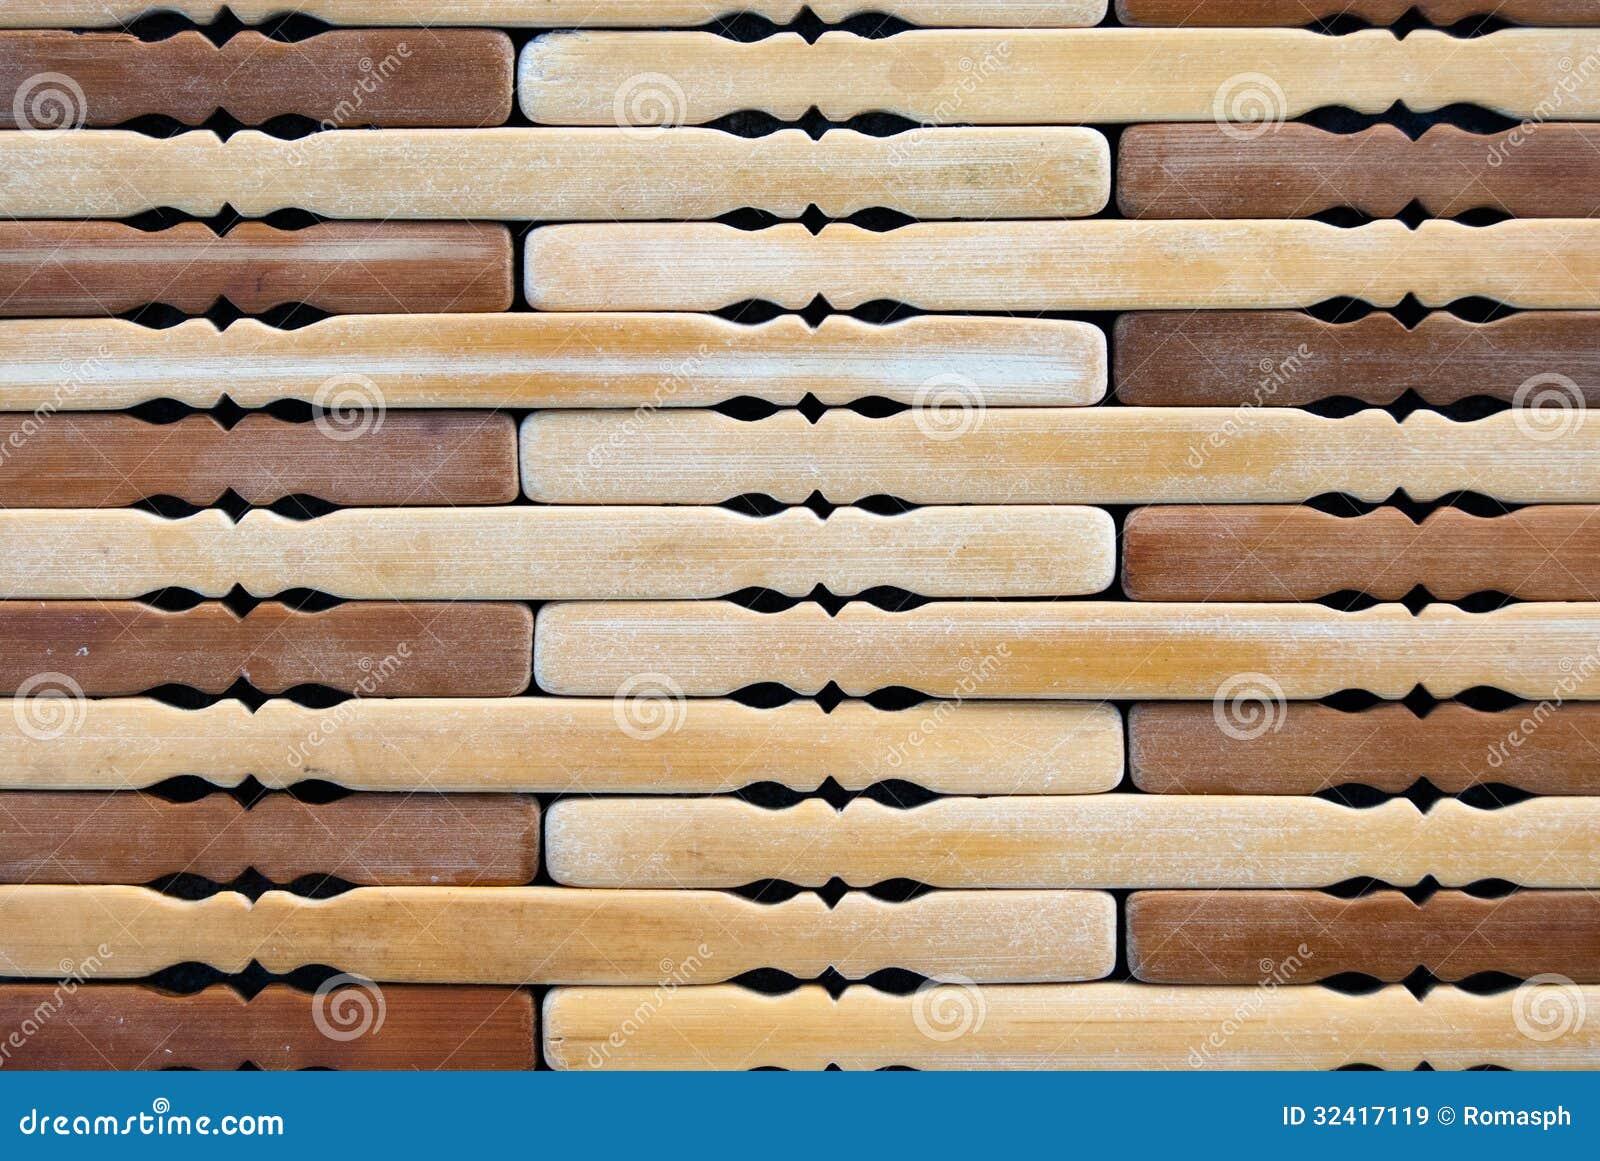 tapis en bois macro images libres de droits image 32417119. Black Bedroom Furniture Sets. Home Design Ideas